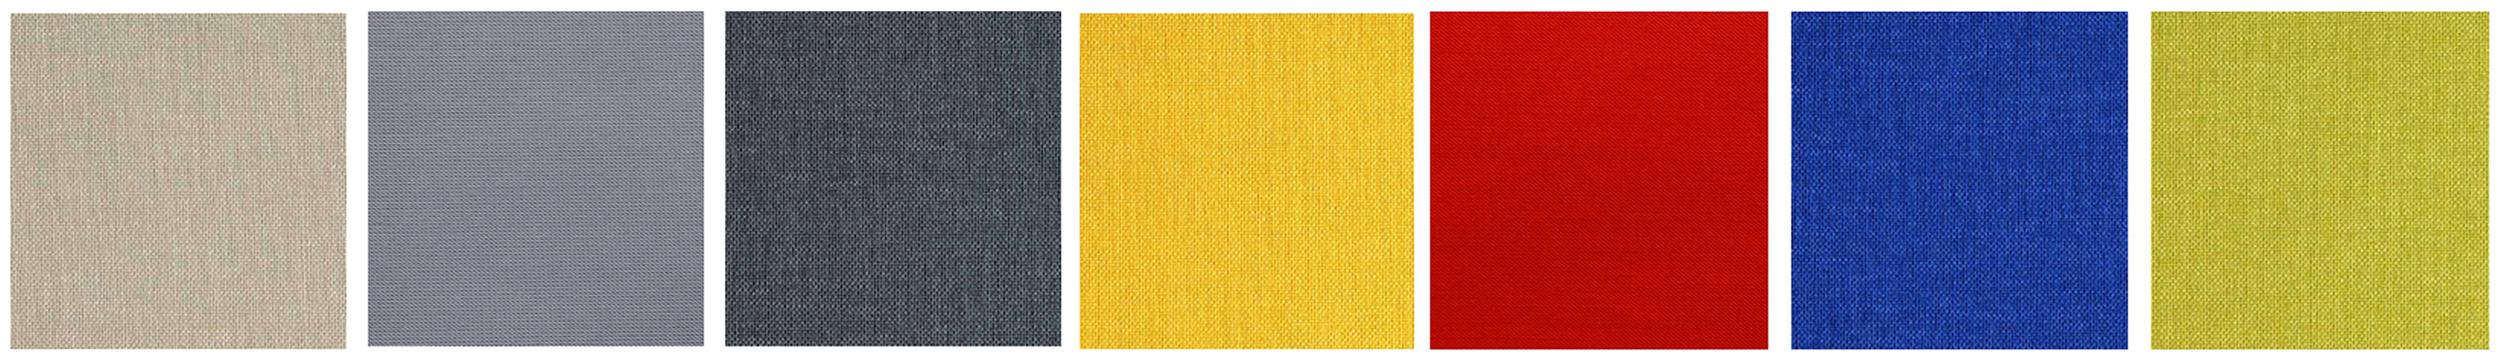 Colour options | Colori per la copertina.